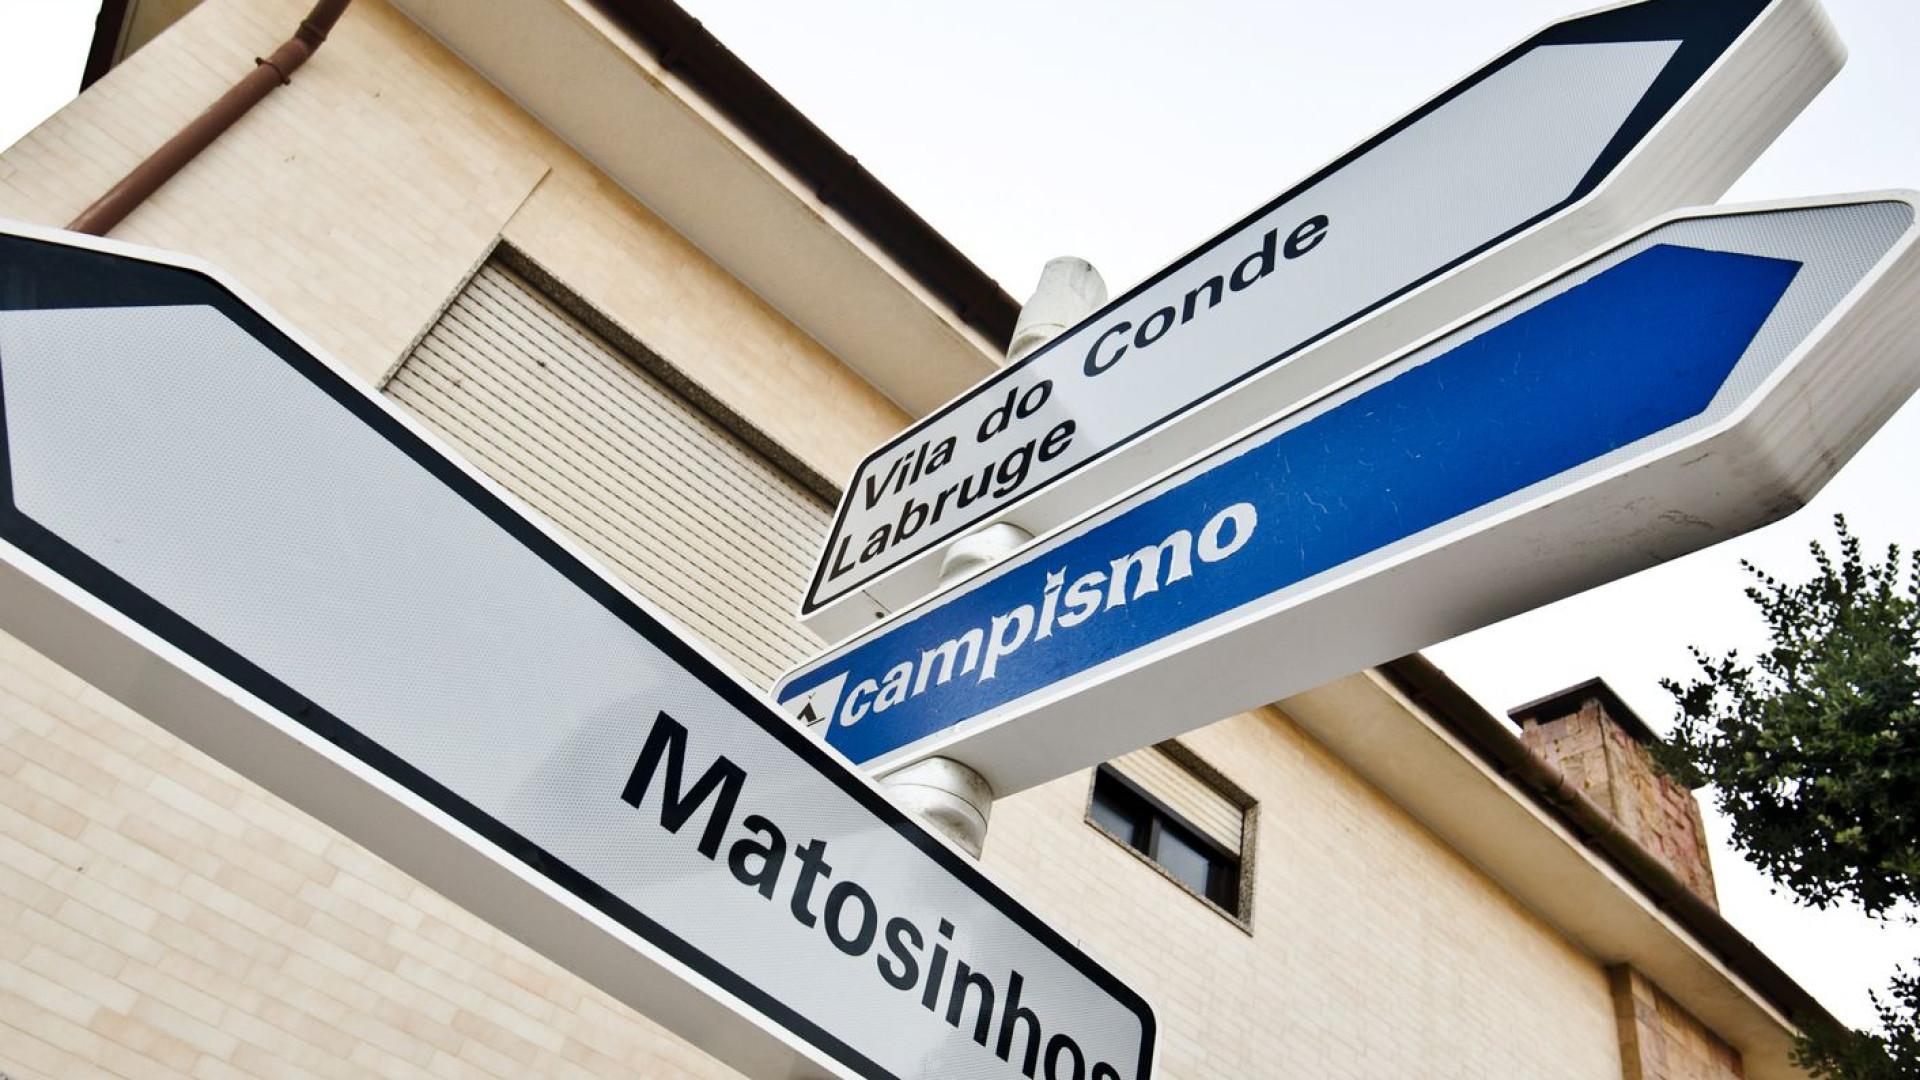 Porto e Matosinhos. Assédio sexual e perseguições aumentaram desde abril